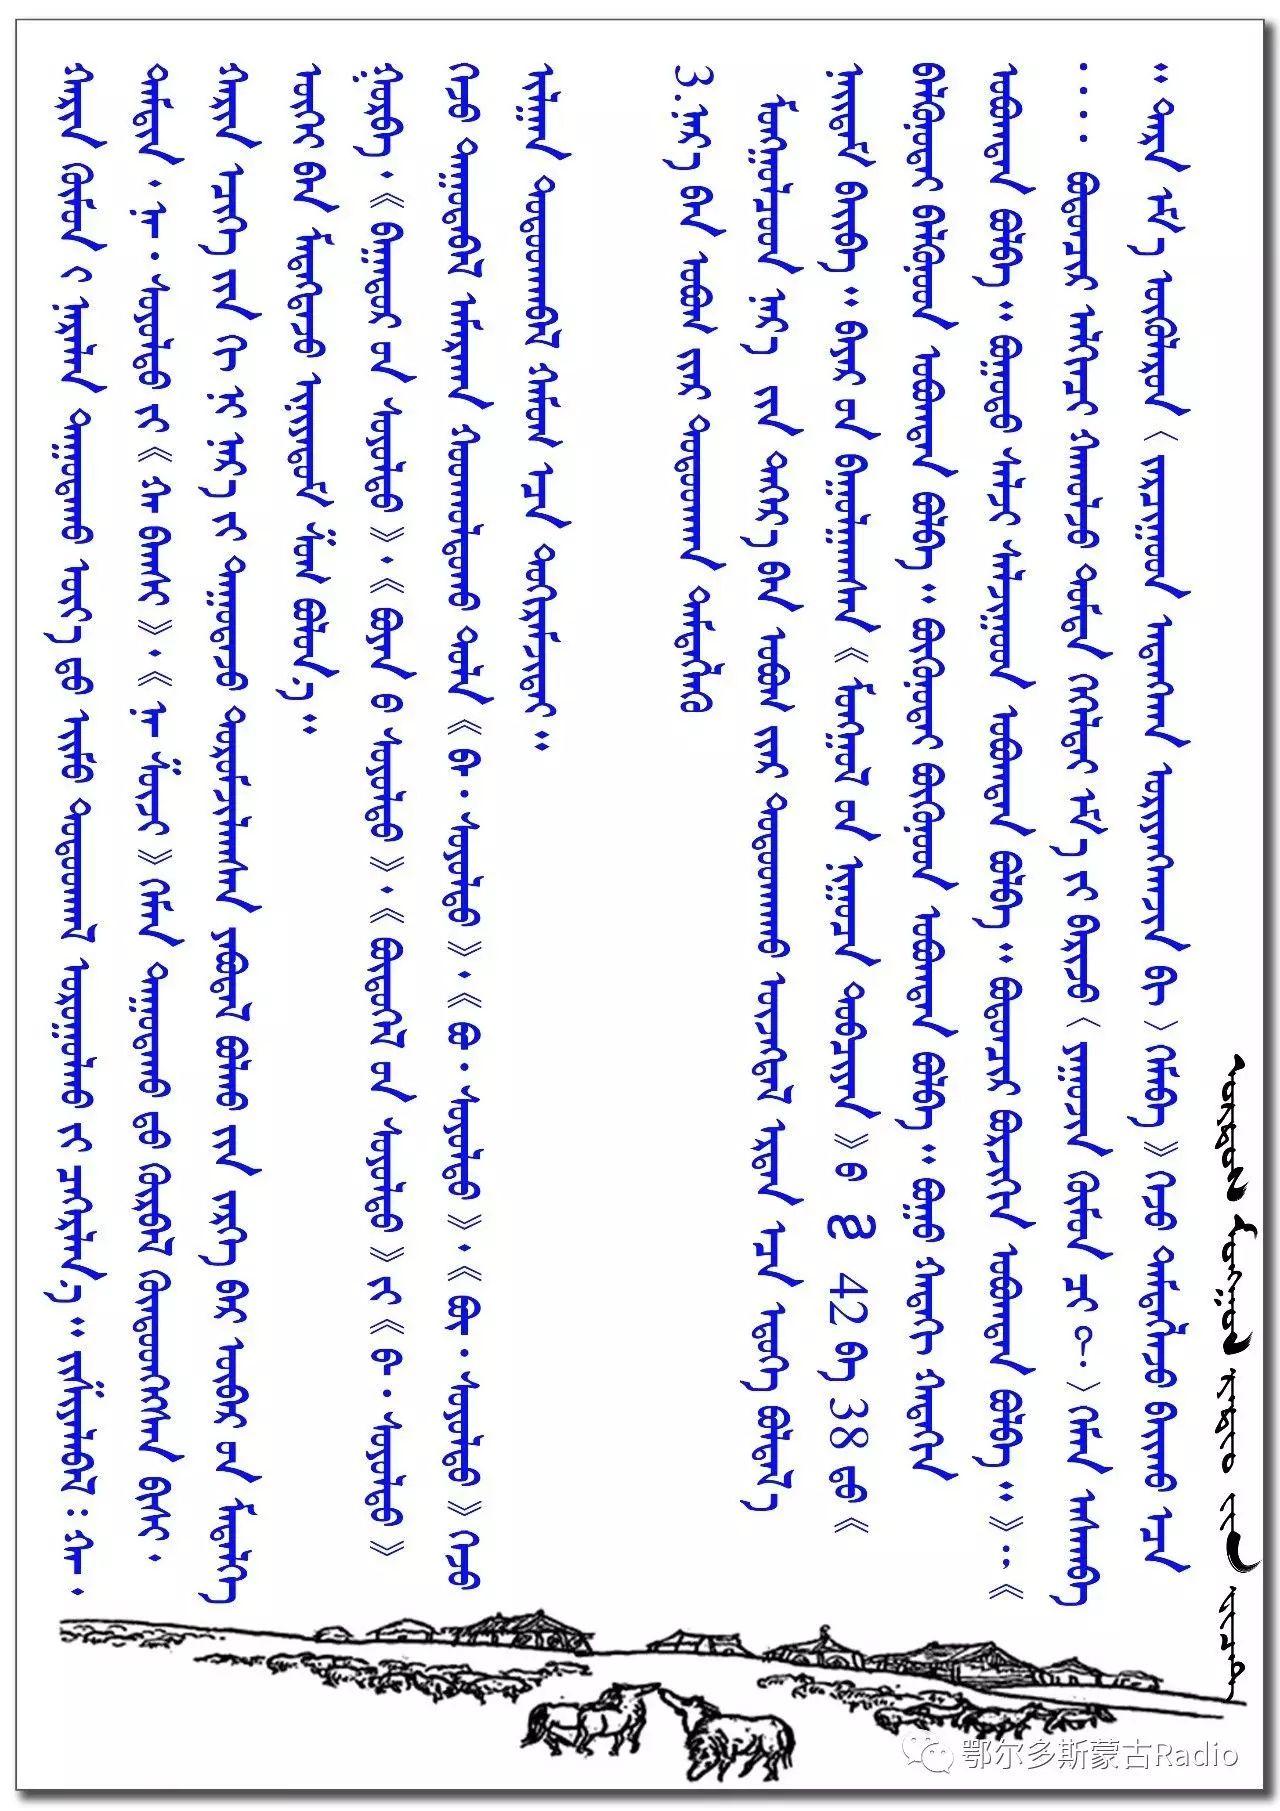 【习俗】蒙古人起名字习俗,年轻的父母们快来看看是怎么回事(蒙古文) 第11张 【习俗】蒙古人起名字习俗,年轻的父母们快来看看是怎么回事(蒙古文) 蒙古文库